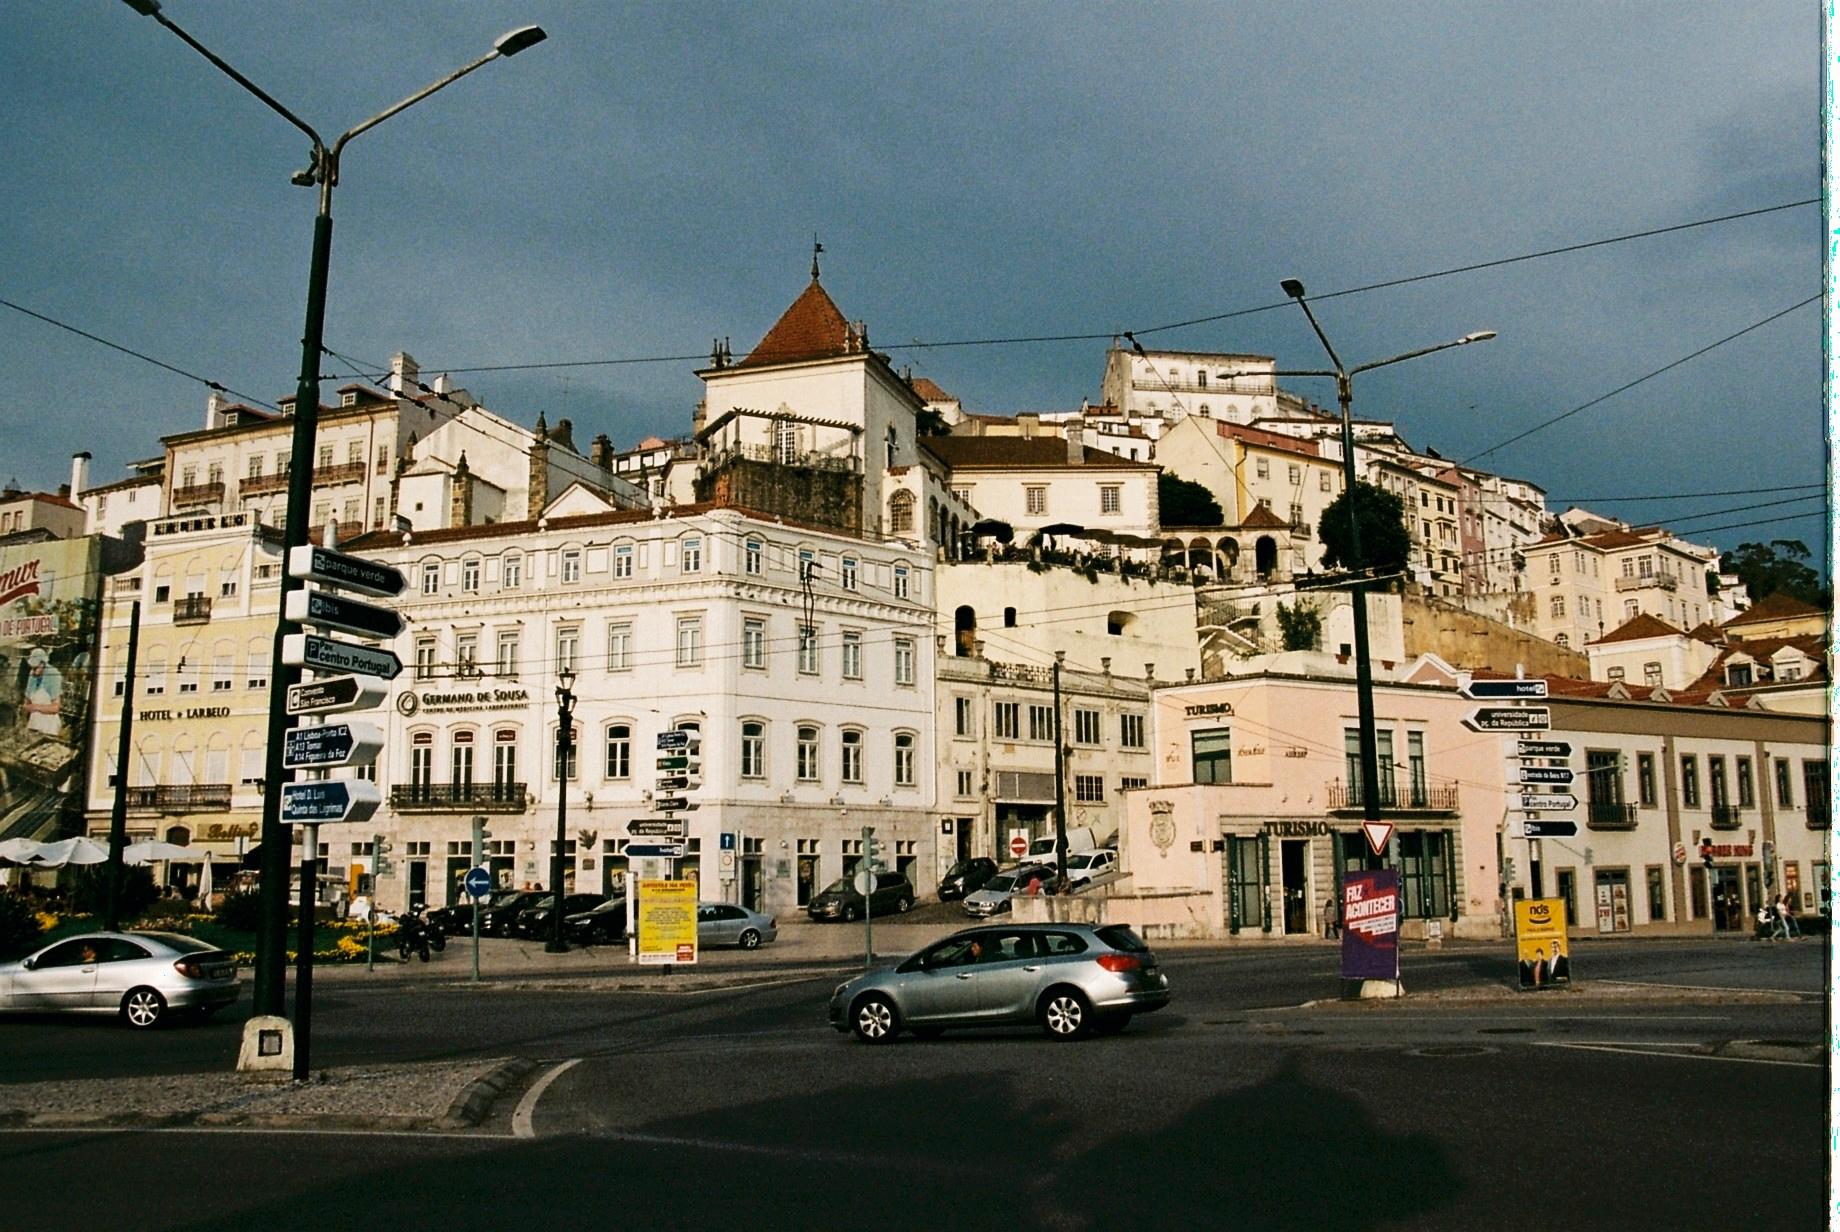 Coimbra 08-2019 - 26 of 62